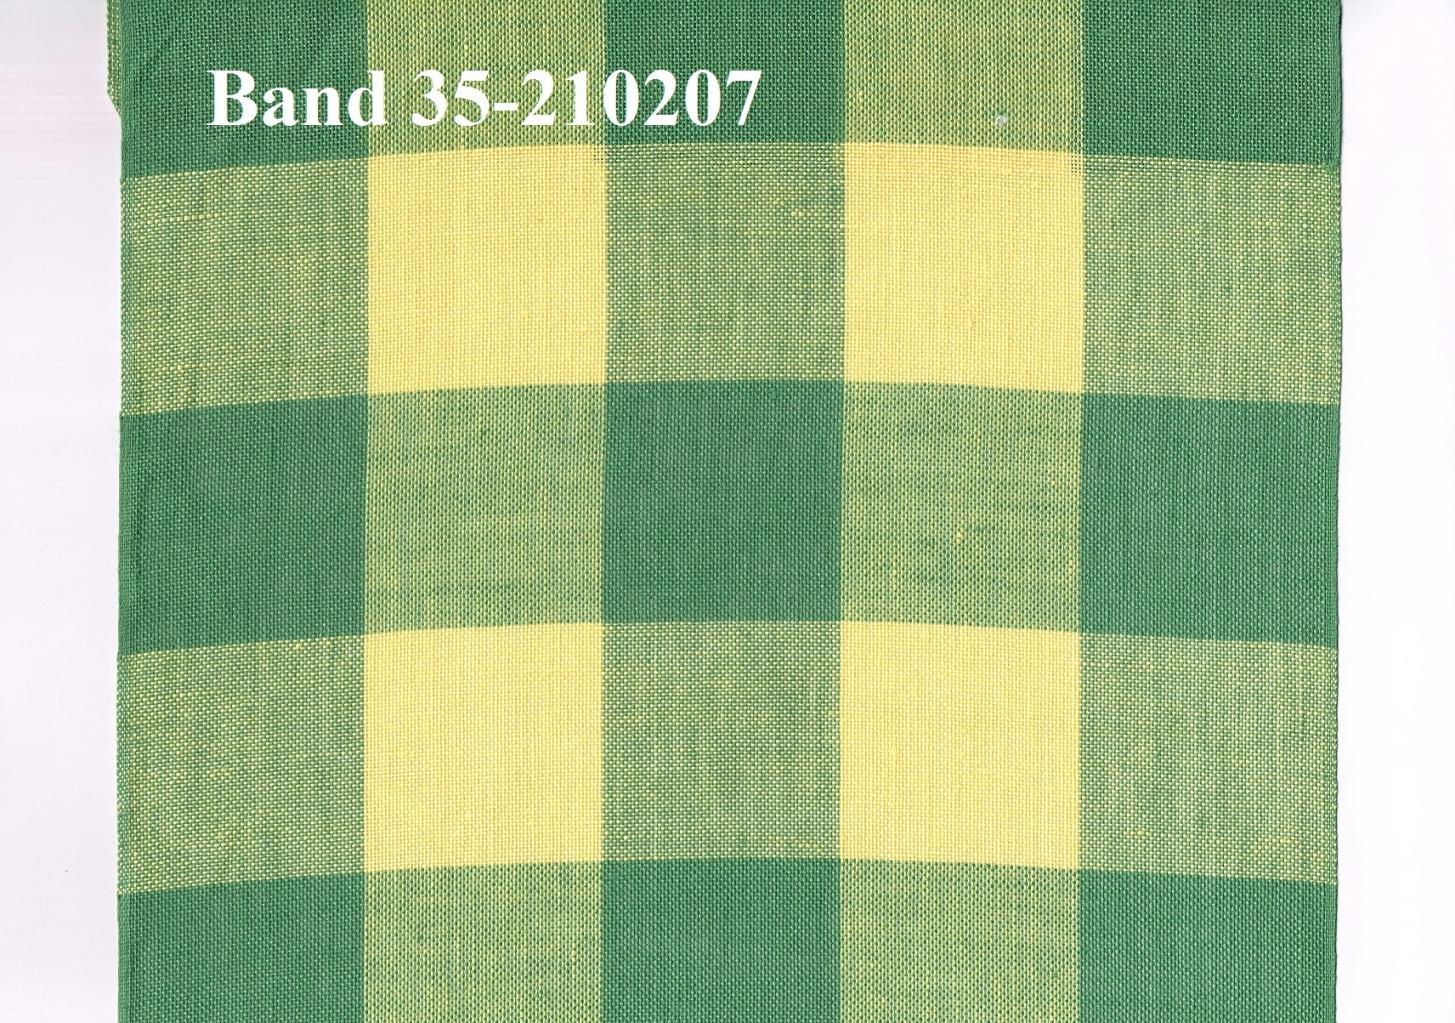 Karo Leinenband - 35 210207